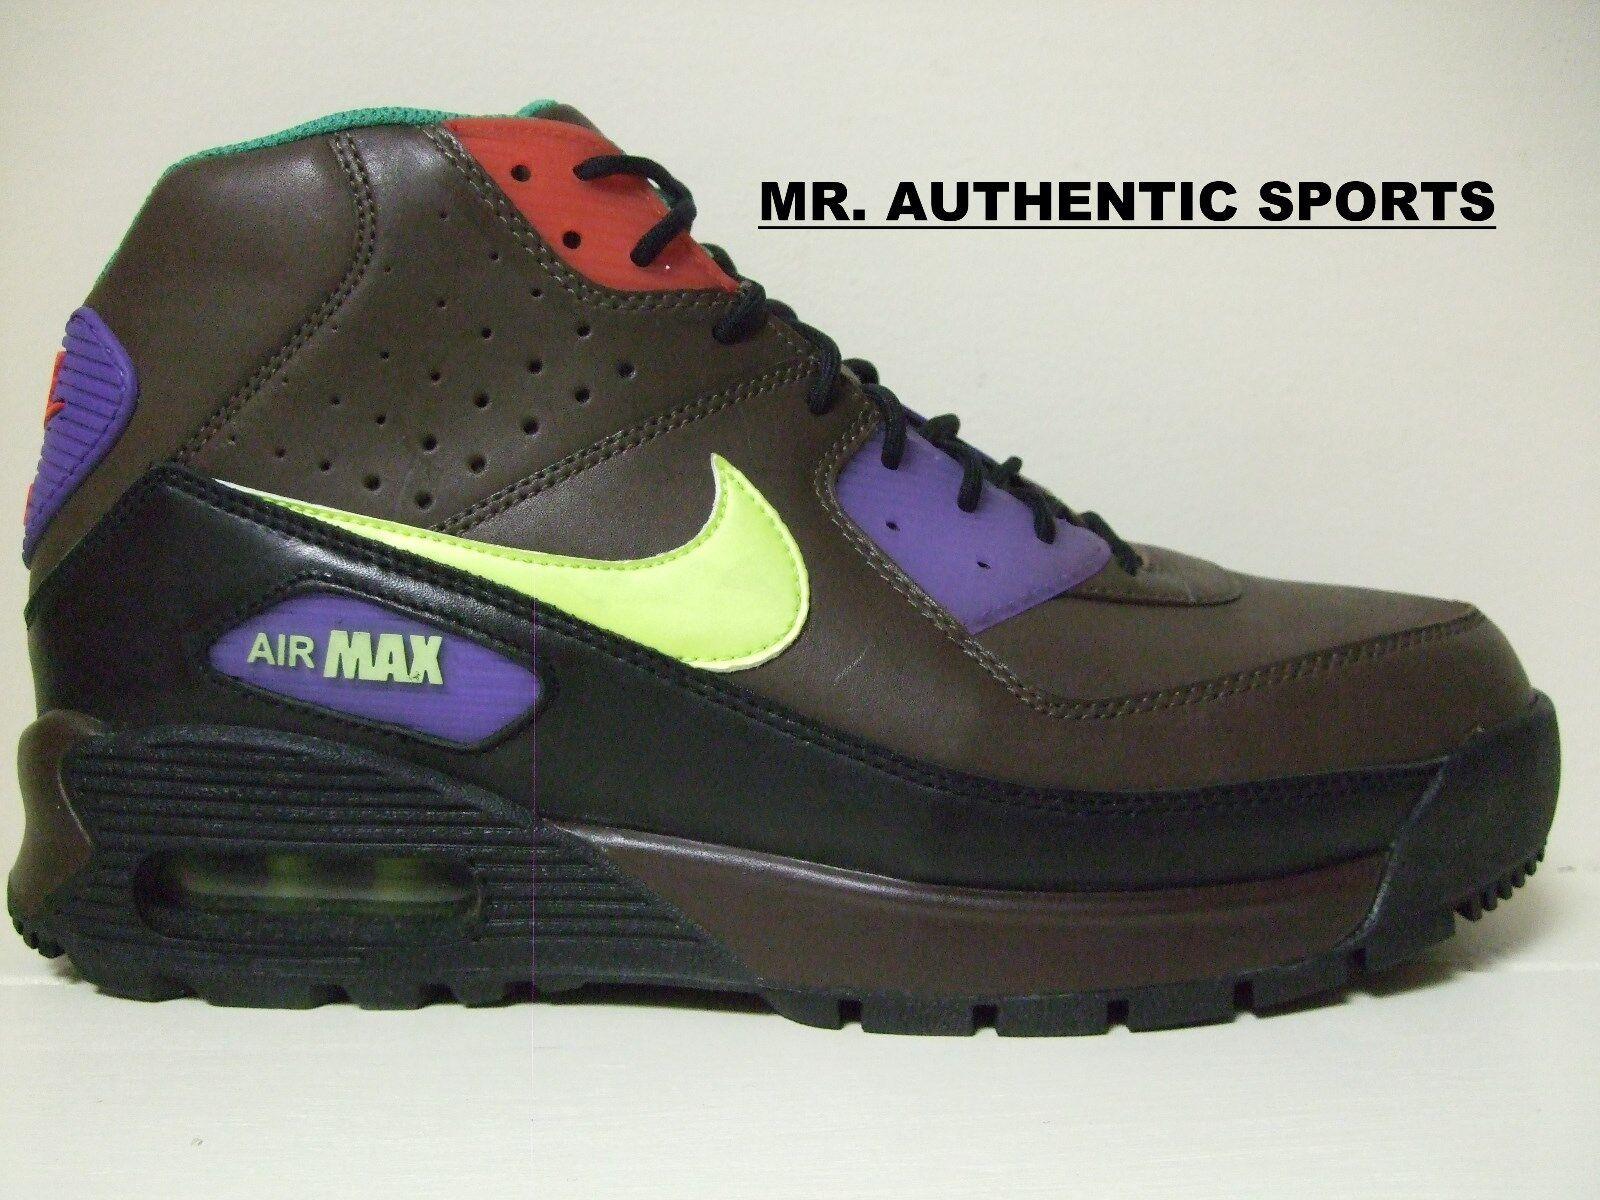 Nike botas Air Max 90 zapatilla botas Nike cuero marron confortable gran descuento aa7f4e